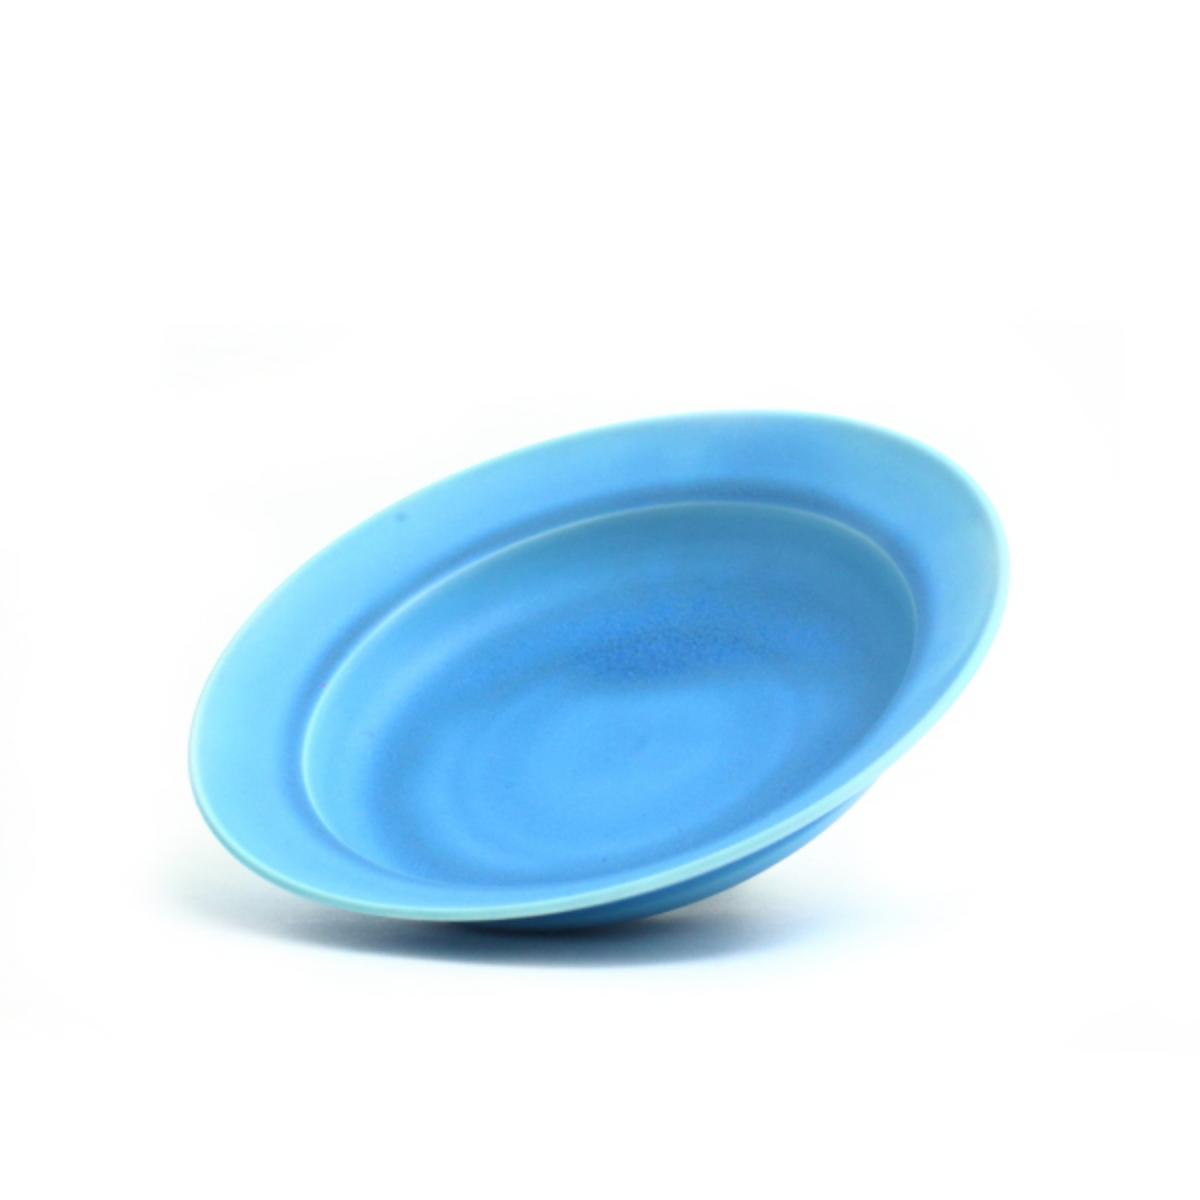 パスタ皿 8寸 スターブルー 詳細画像2